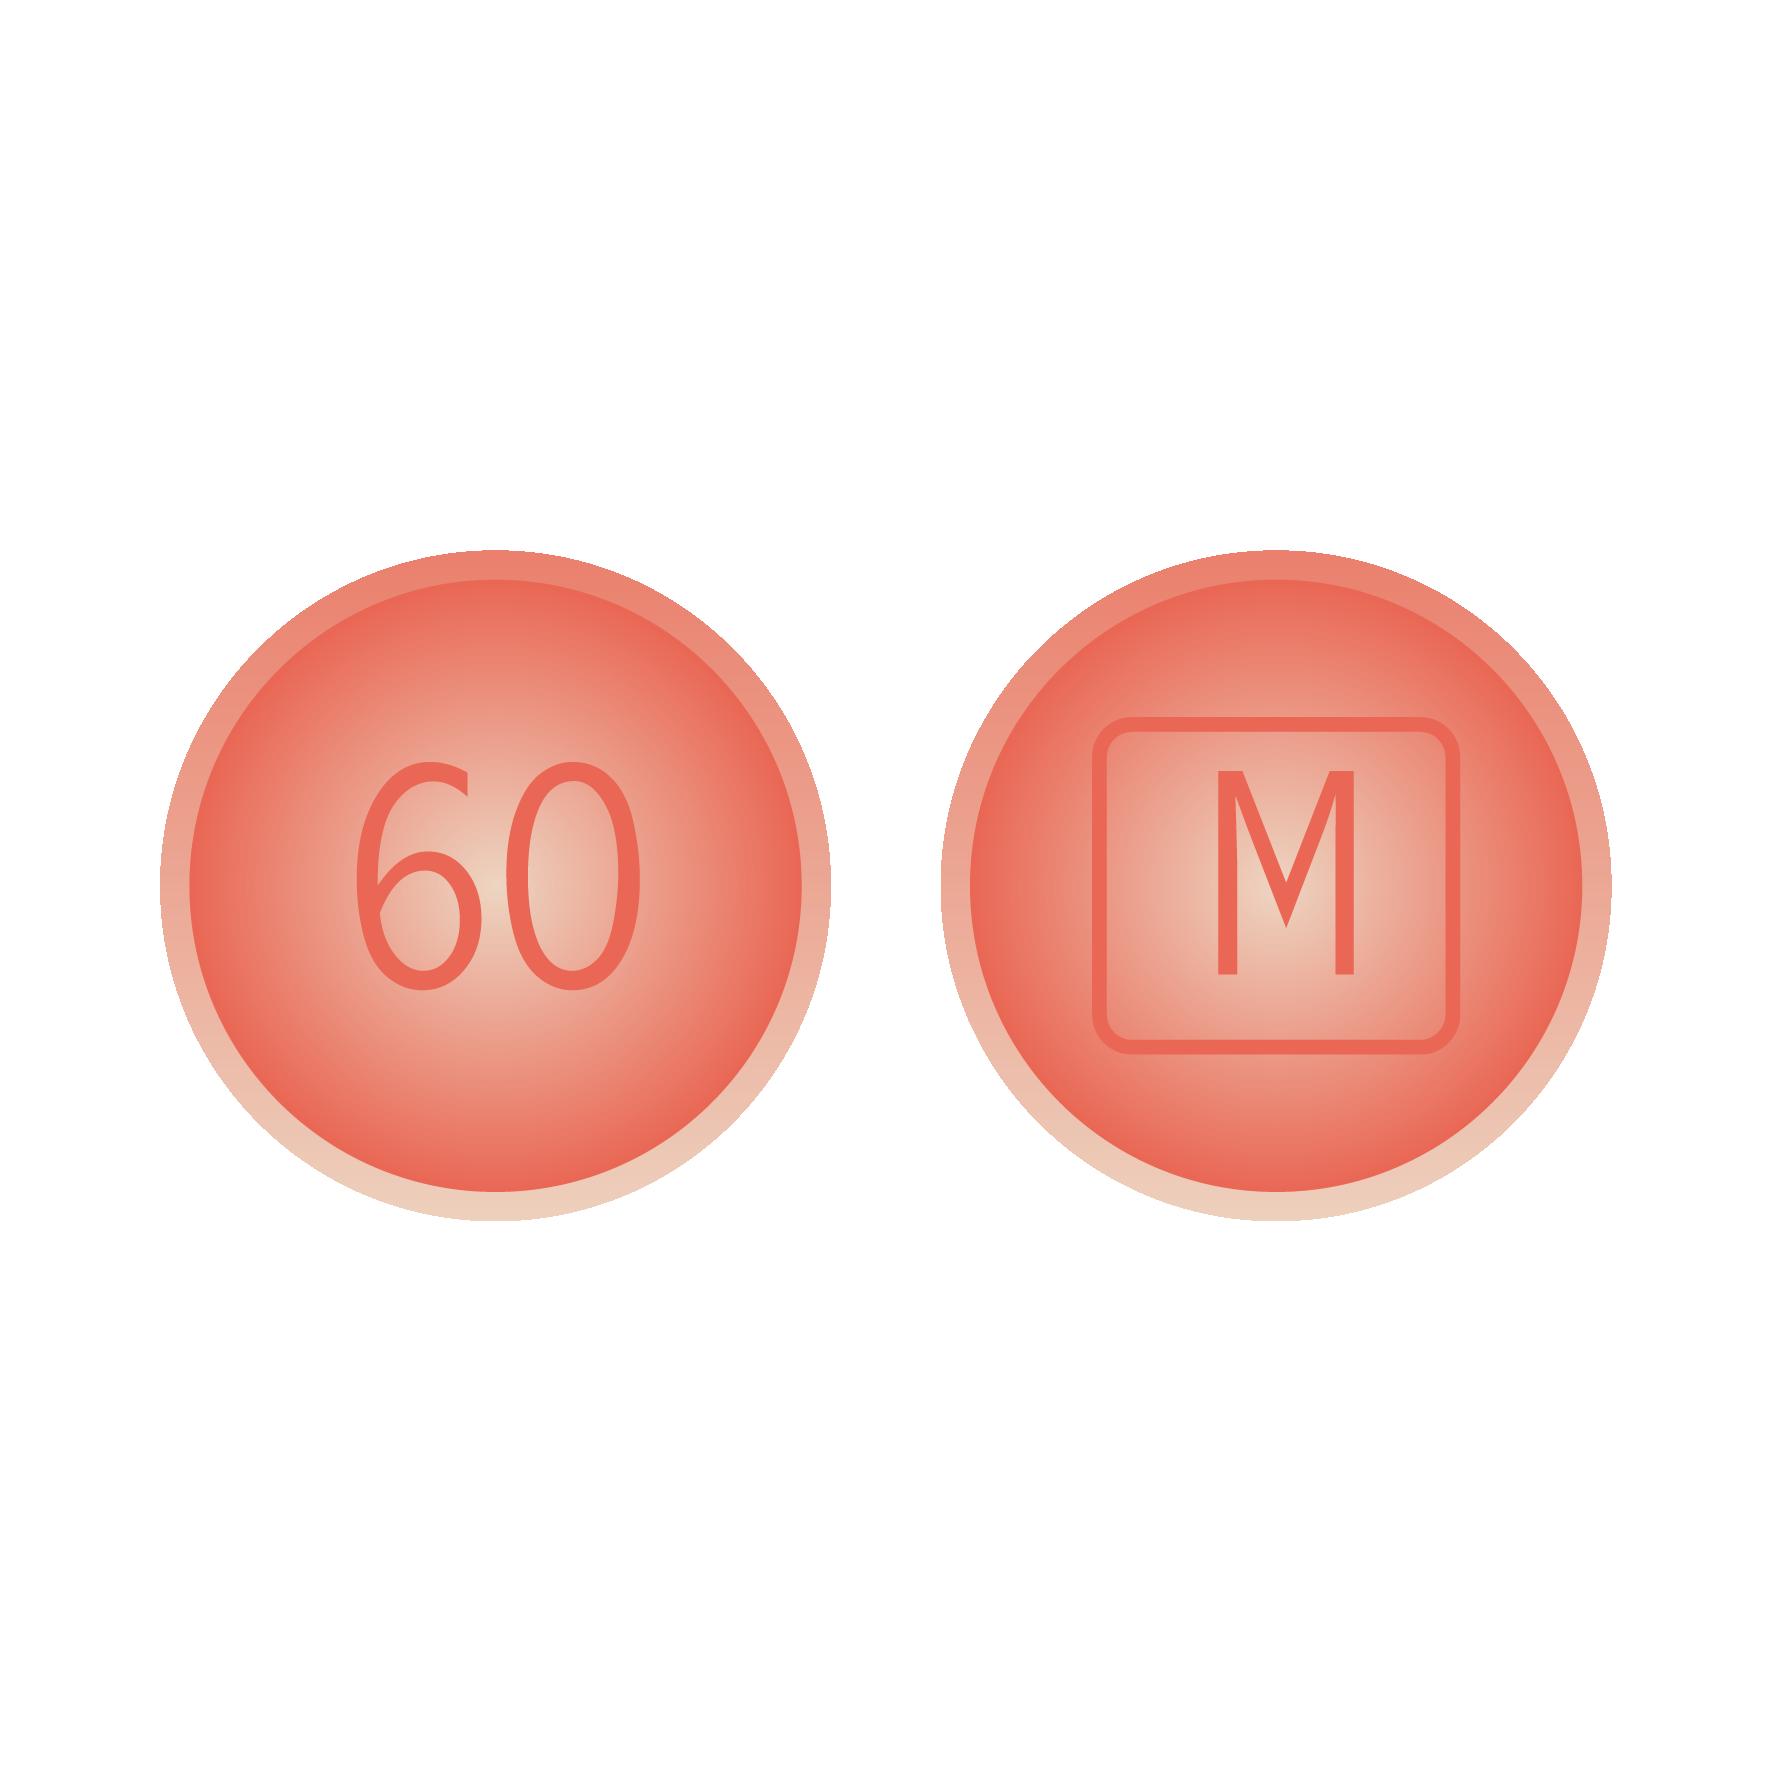 Morphine 60